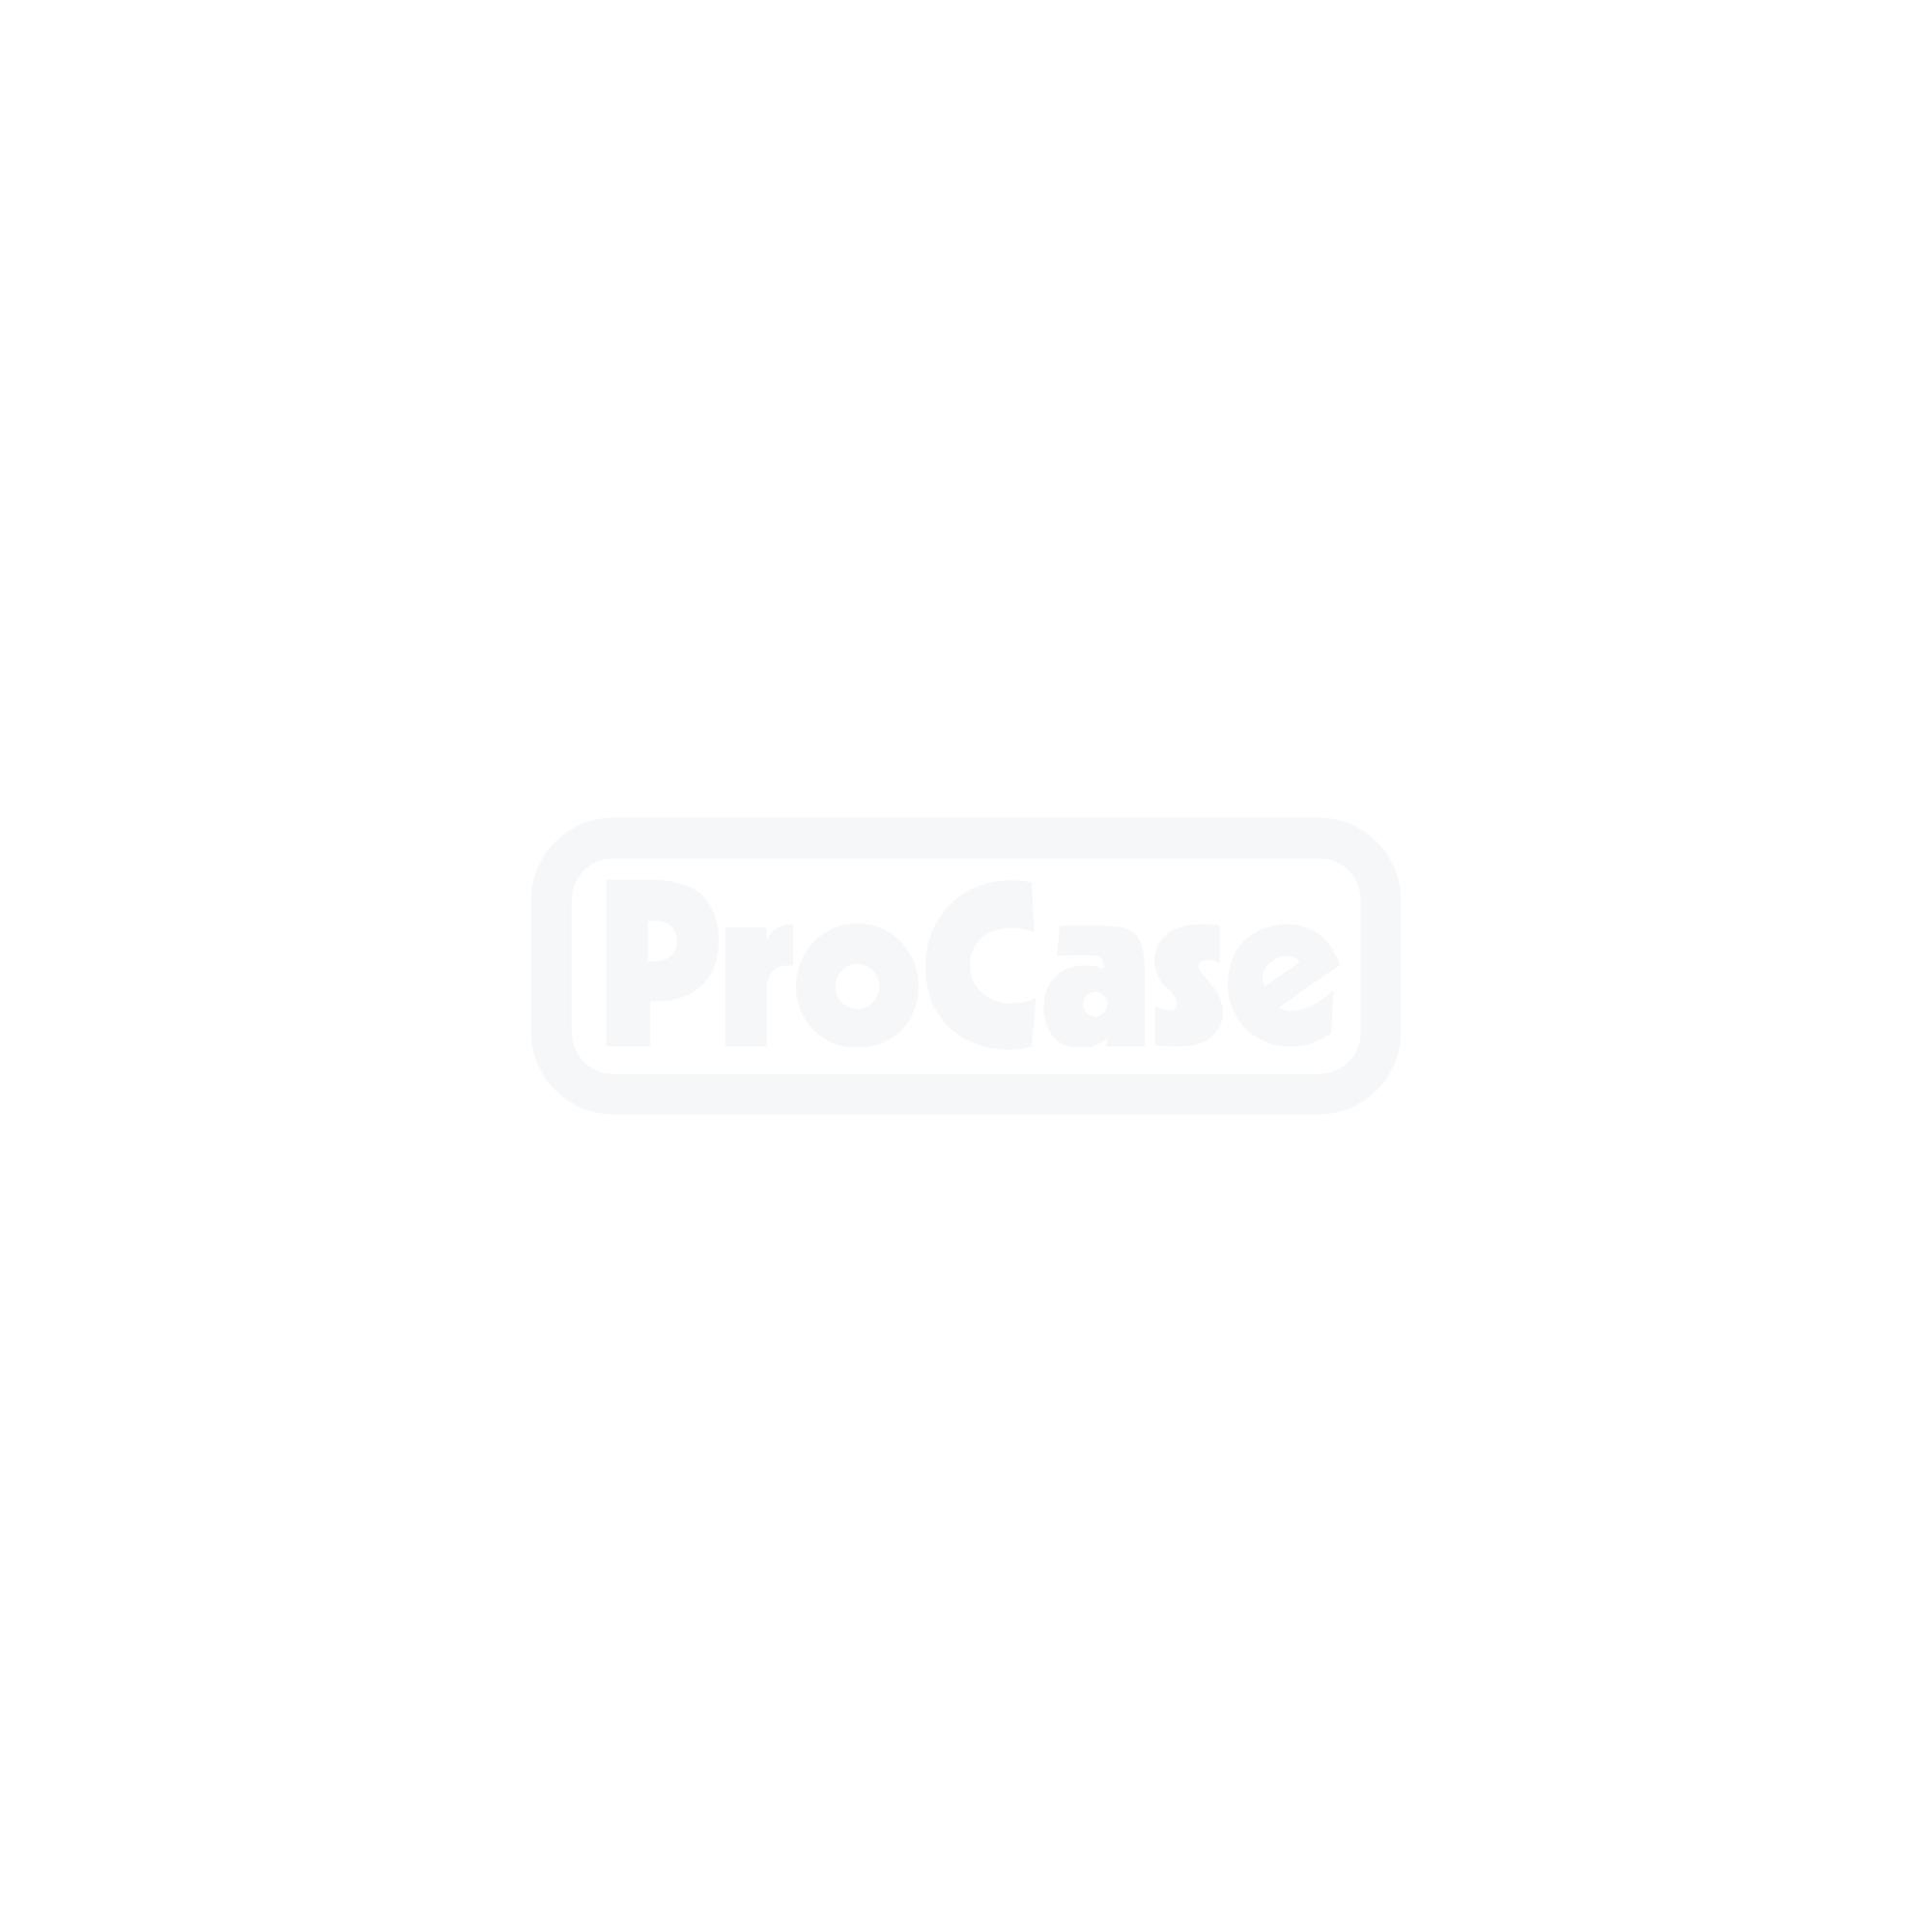 19 Zoll Tragschiene SPS-Rack 635 mm für 29 Zoll Tiefe